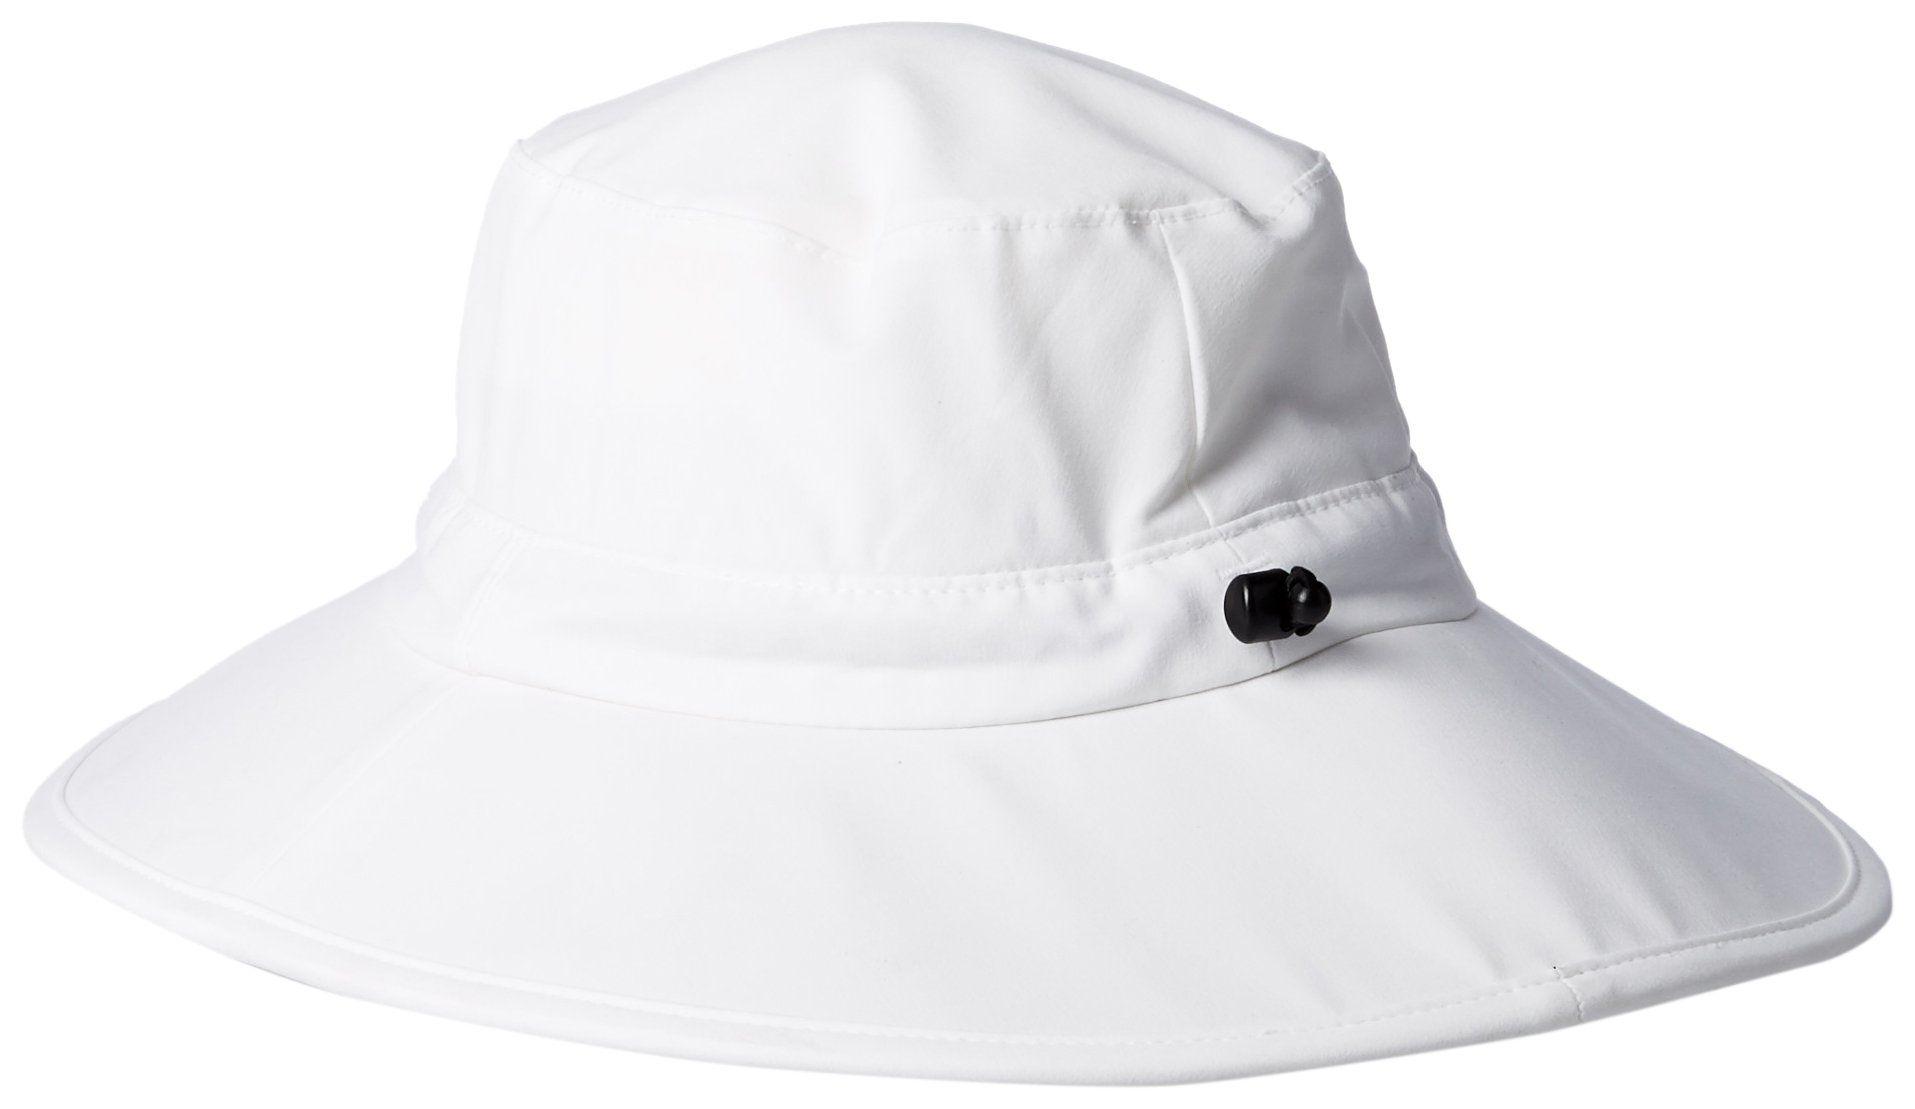 99ae116e5e8 Men Golf Clothing - Nike Golf Sun Protect Bucket Hat White Black  Large XLarge